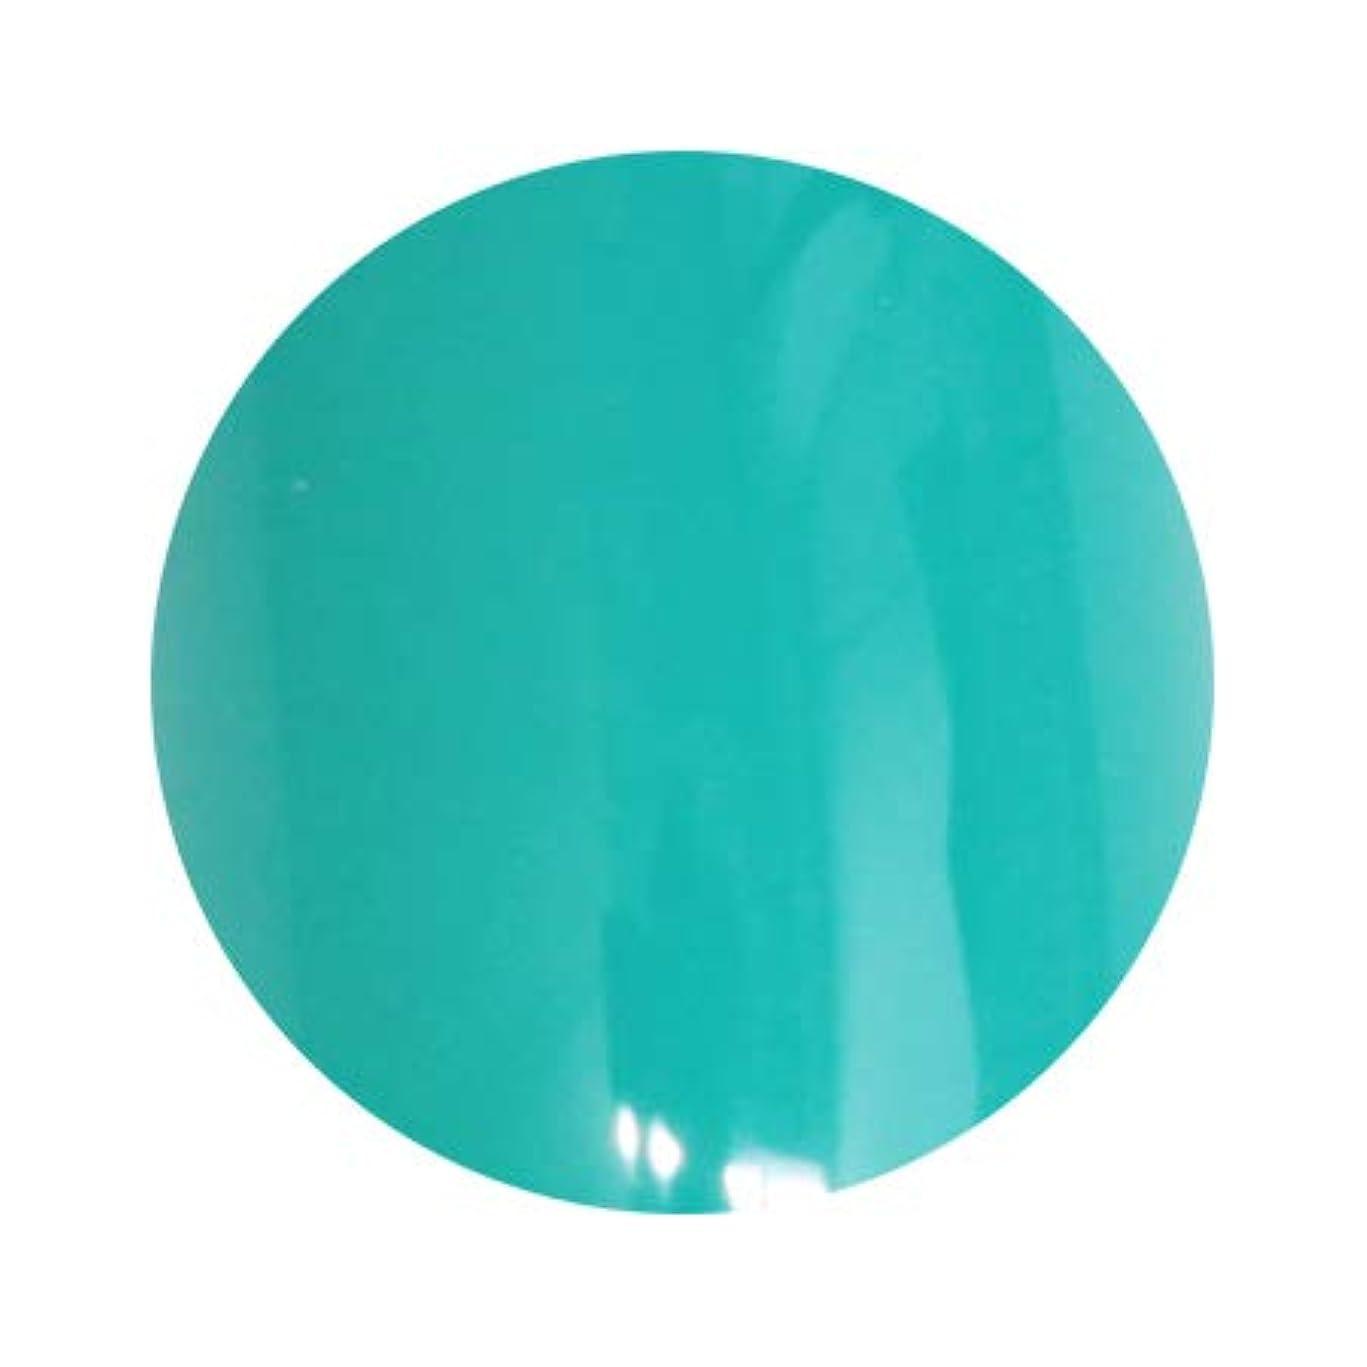 ジョットディボンドンマングル実行可能LUCU GEL ルクジェル カラー GRM12 ネイテュブグリーン 3.5g